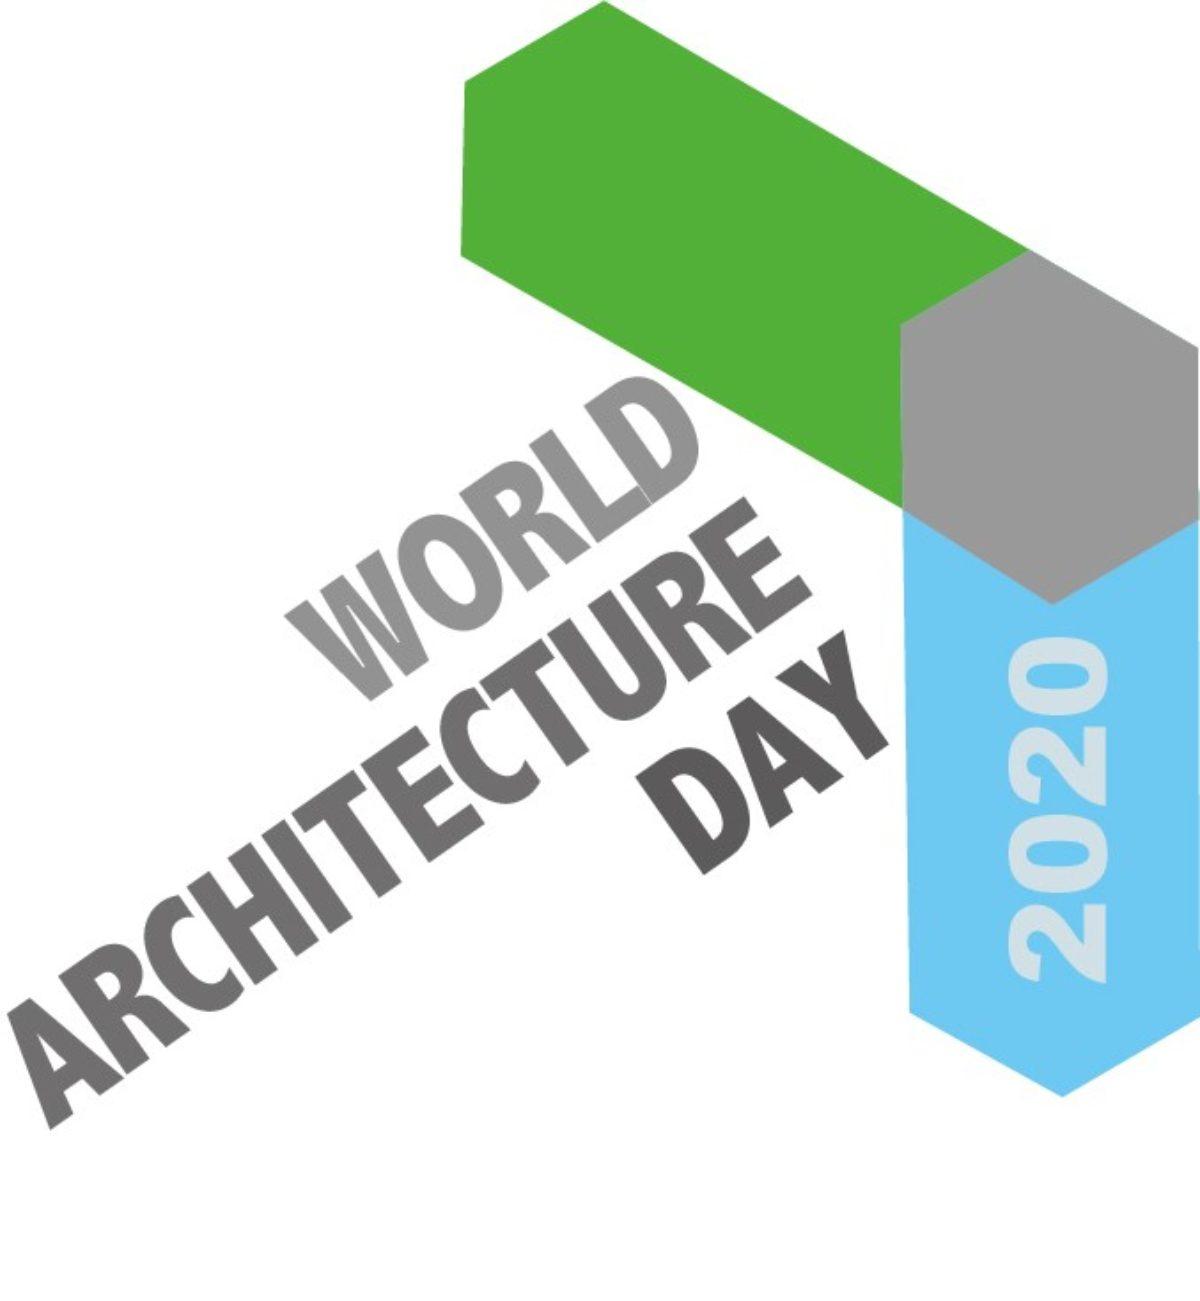 Ανακοίνωση Προέδρου ΣΑΔΑΣ – ΠΕΑ για την Παγκόσμια Ημέρα Αρχιτεκτονικής 2020